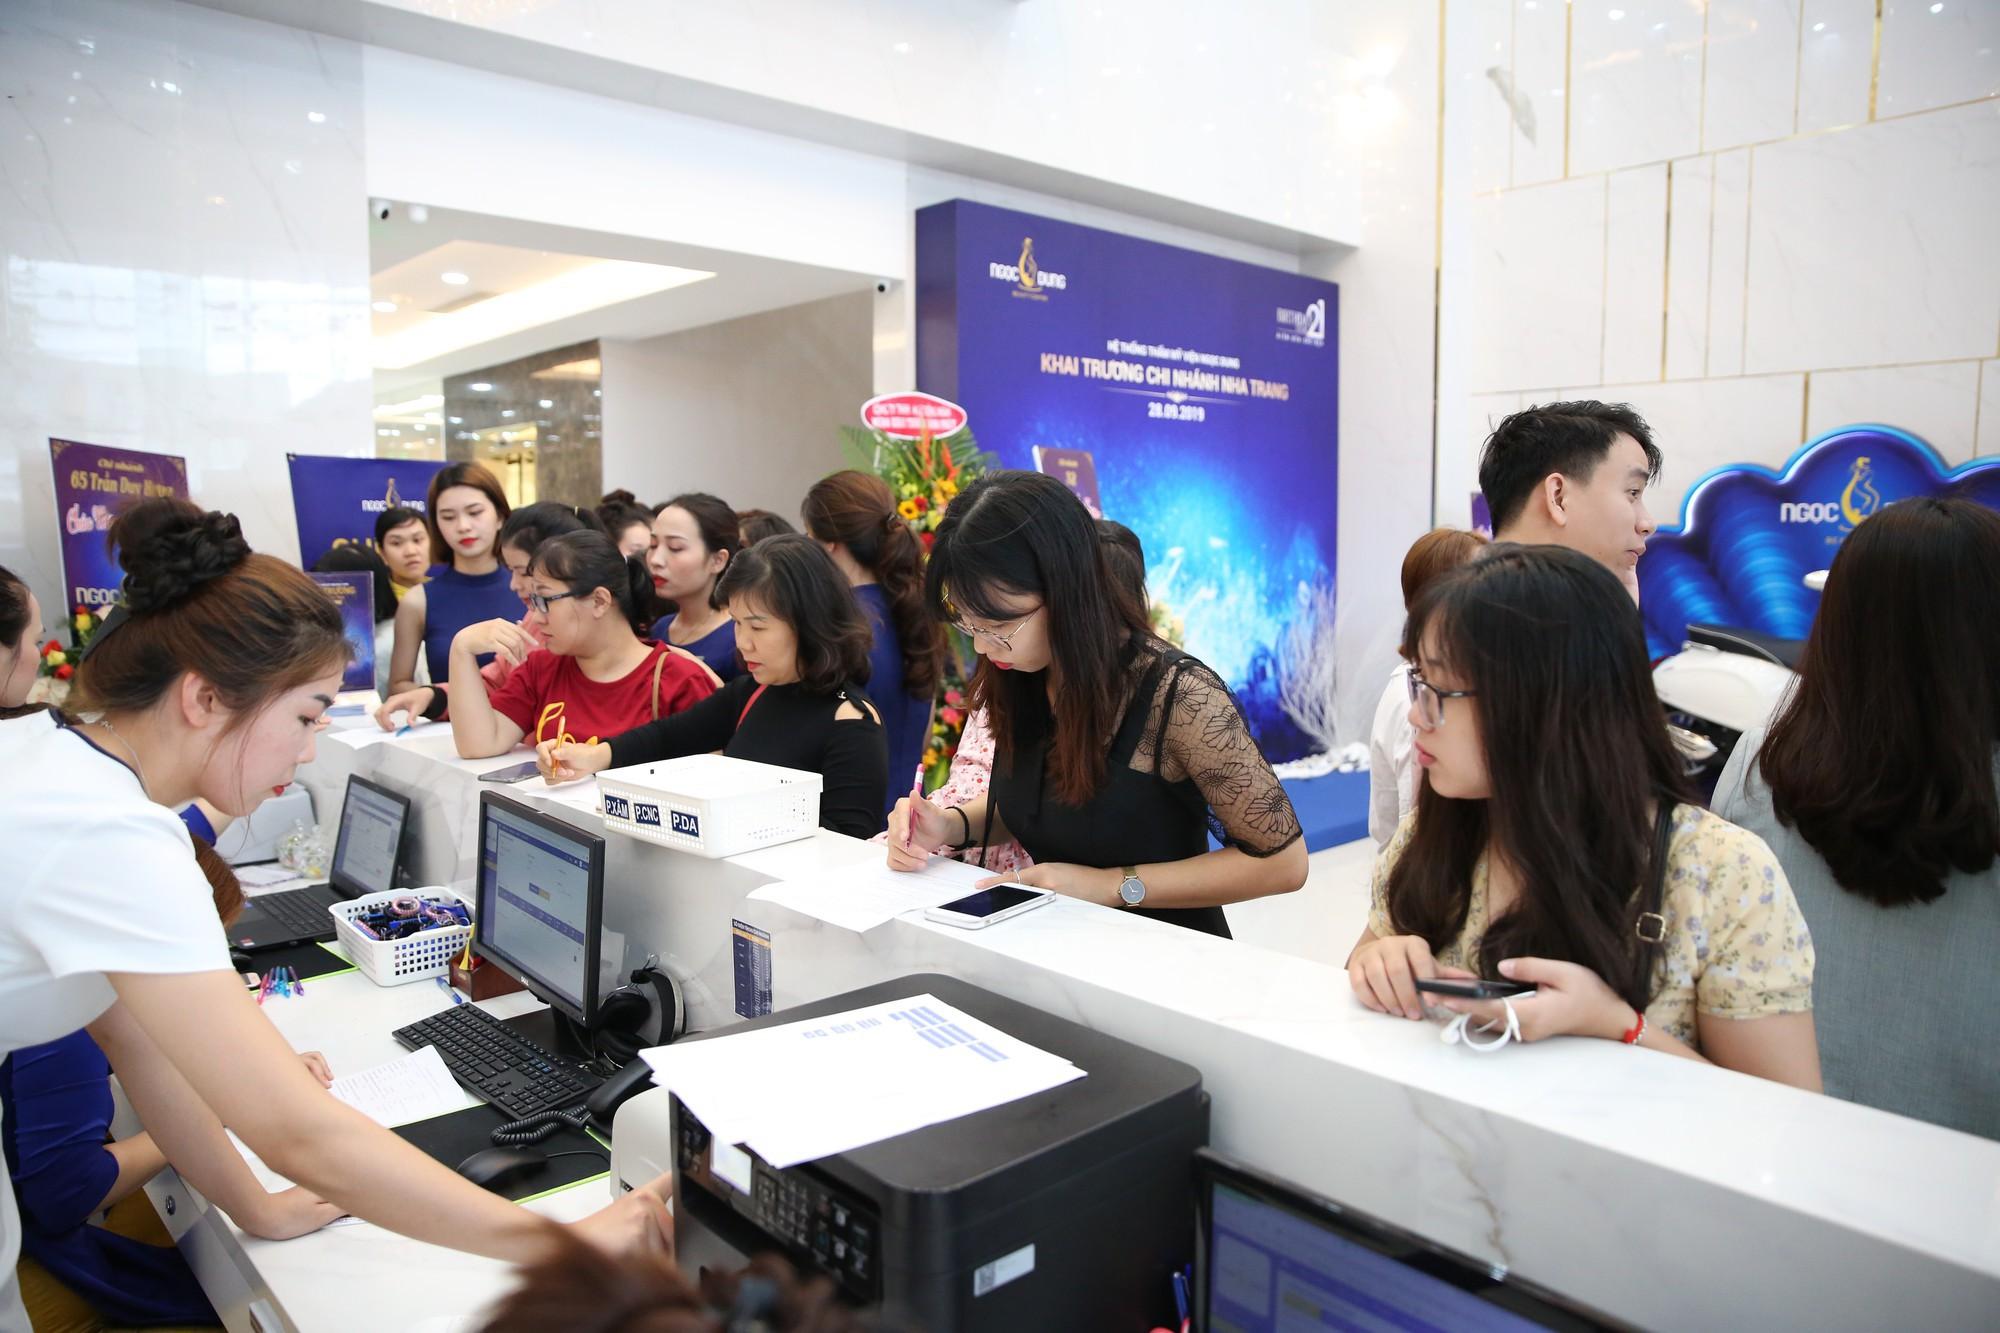 TMV Ngọc Dung Nha Trang kín khách chỉ sau vài phút khai trương - Ảnh 3.